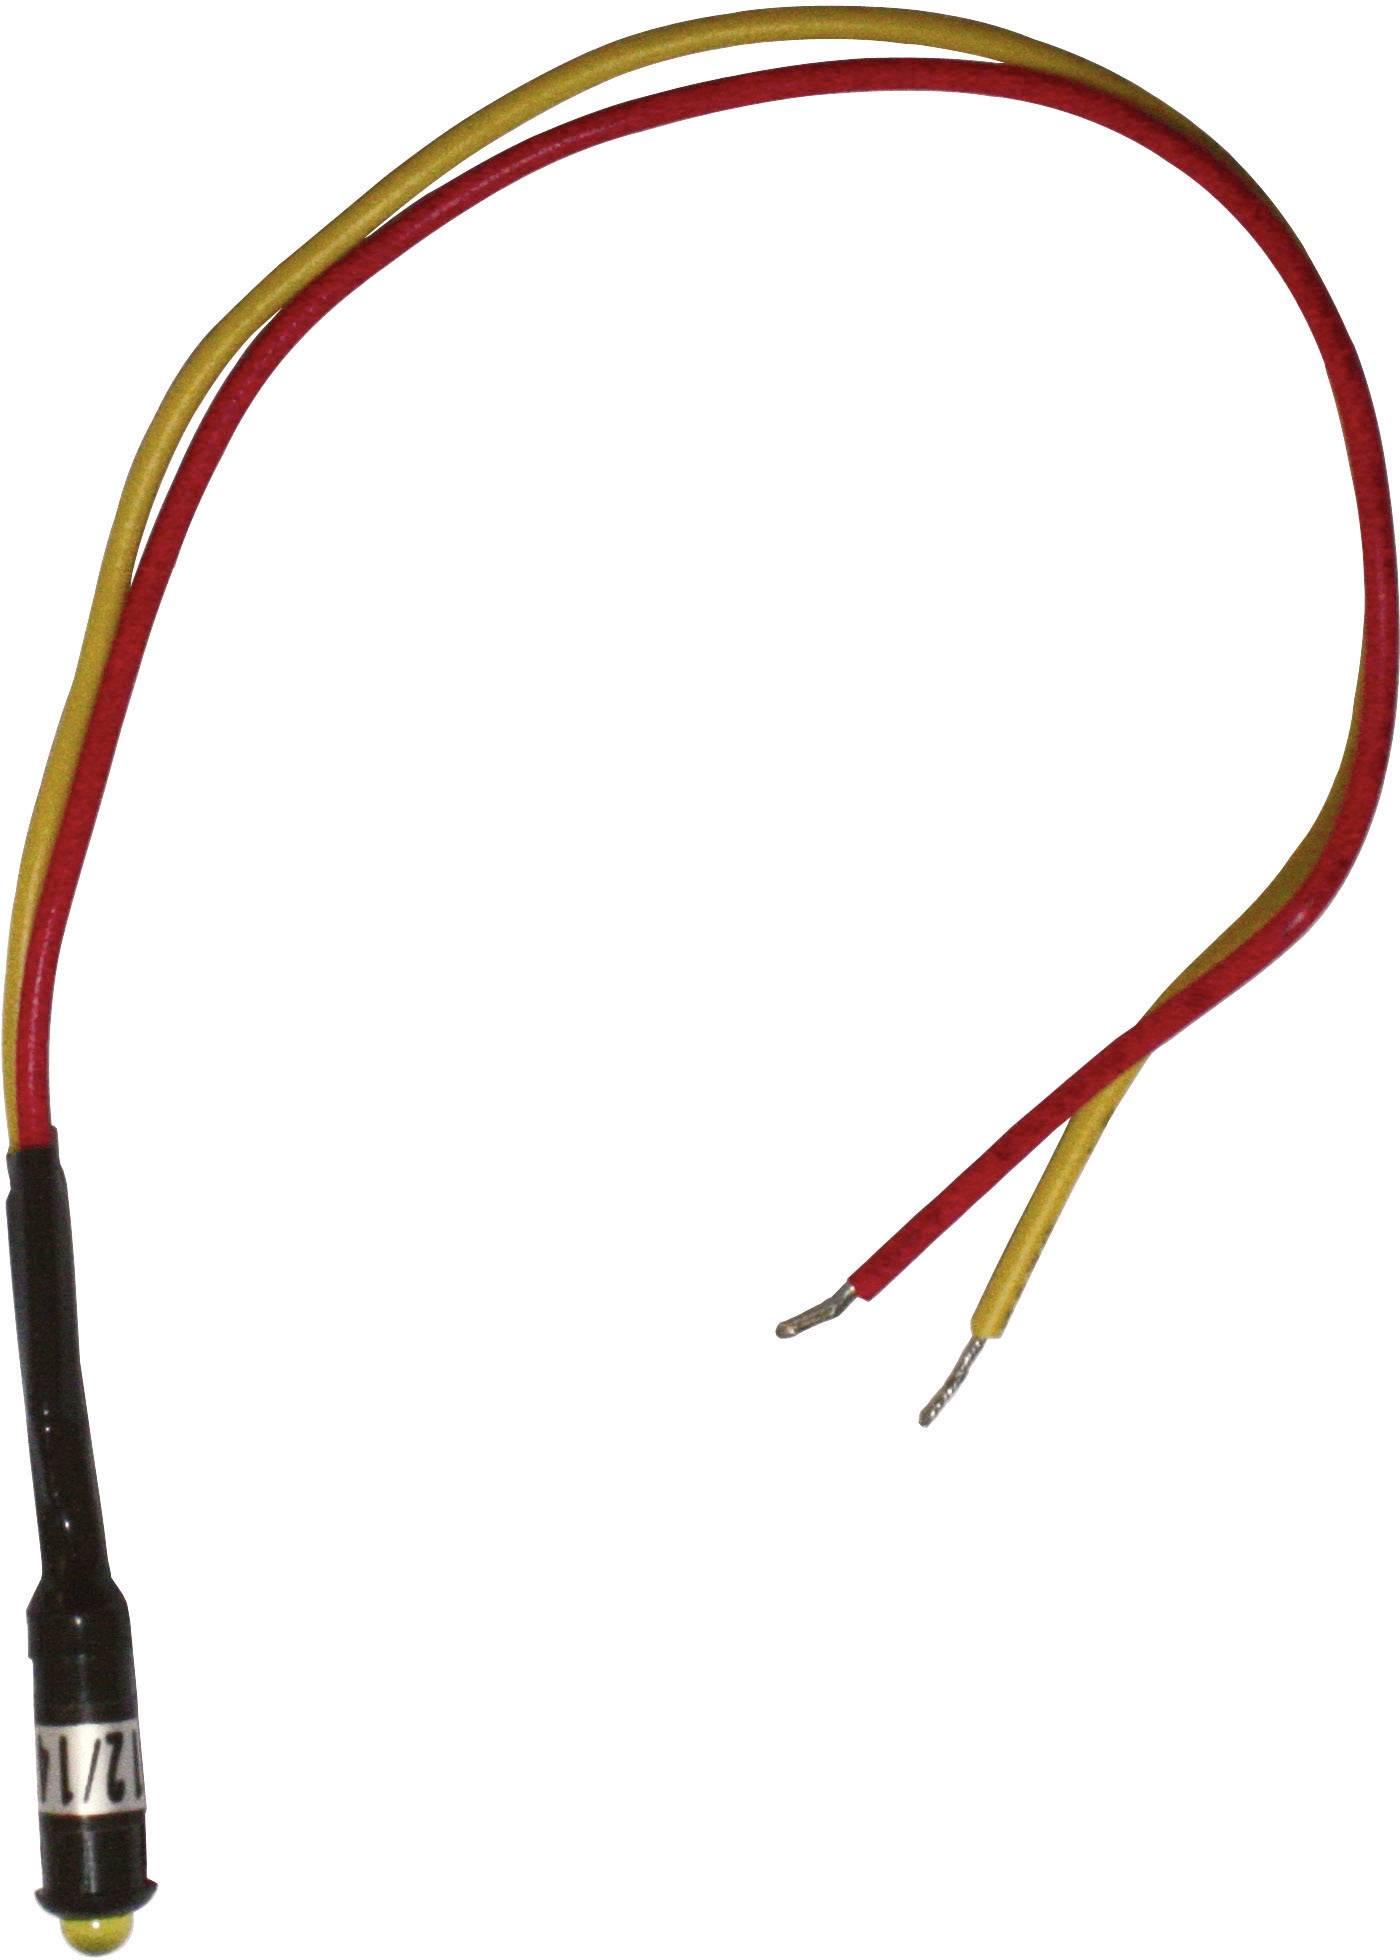 LED signálka Barthelme 52030612, 5 V/DC, žlutá